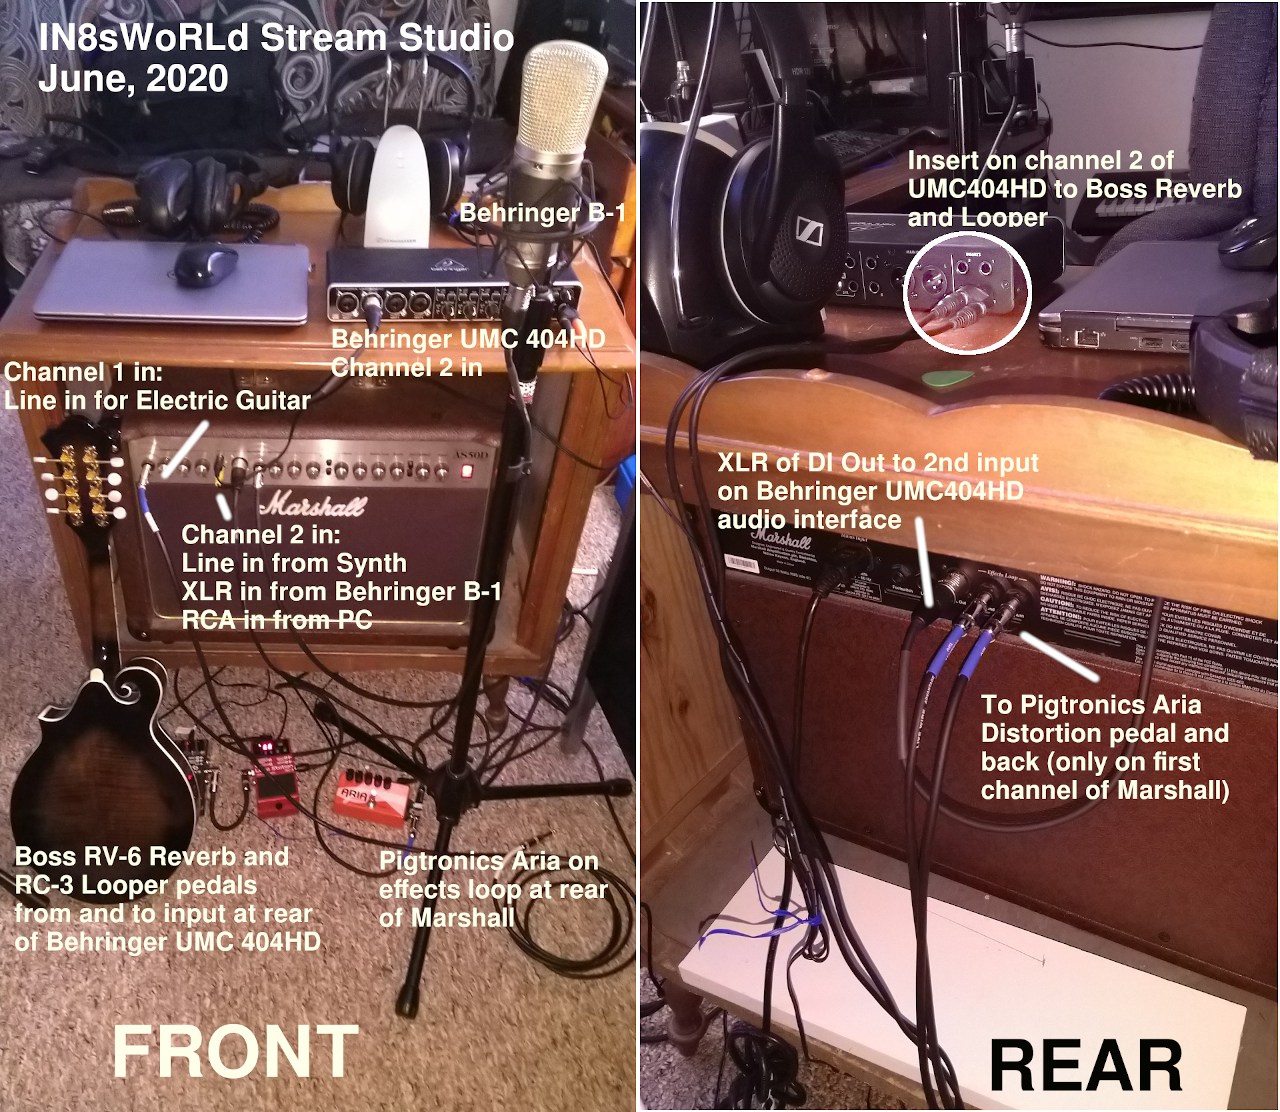 Studio setup in 2020